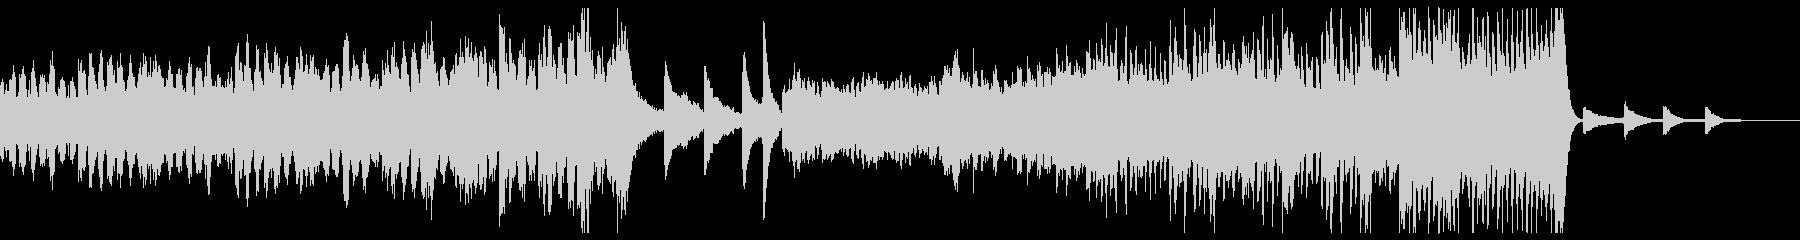 ストリングス、の未再生の波形